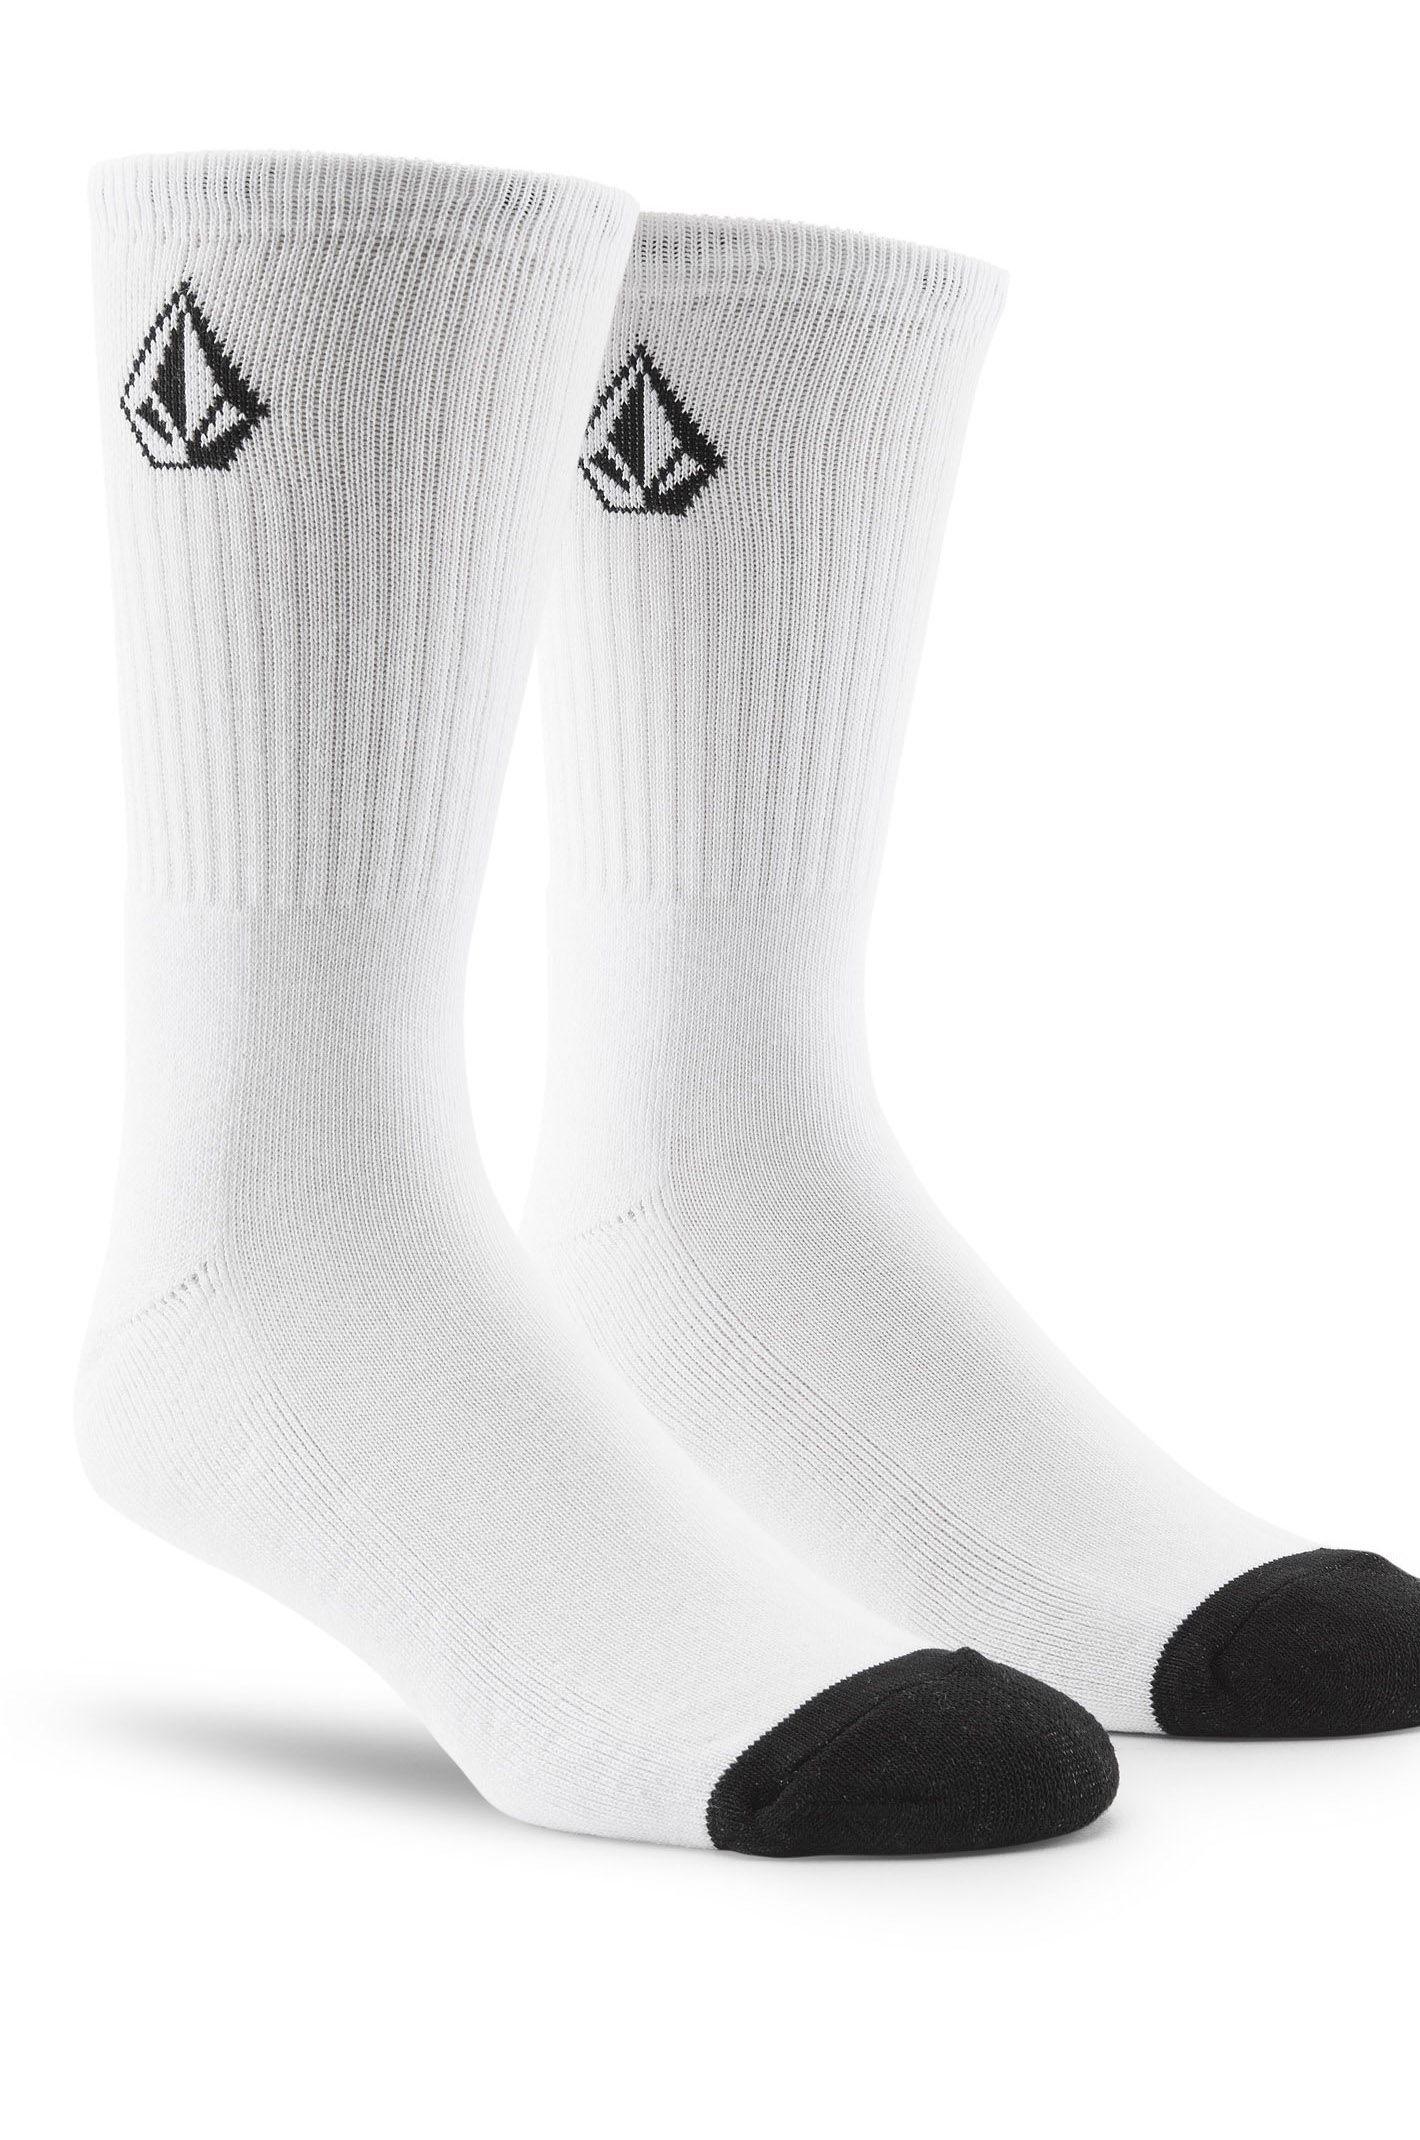 Volcom Socks FULL STONE 3PK White